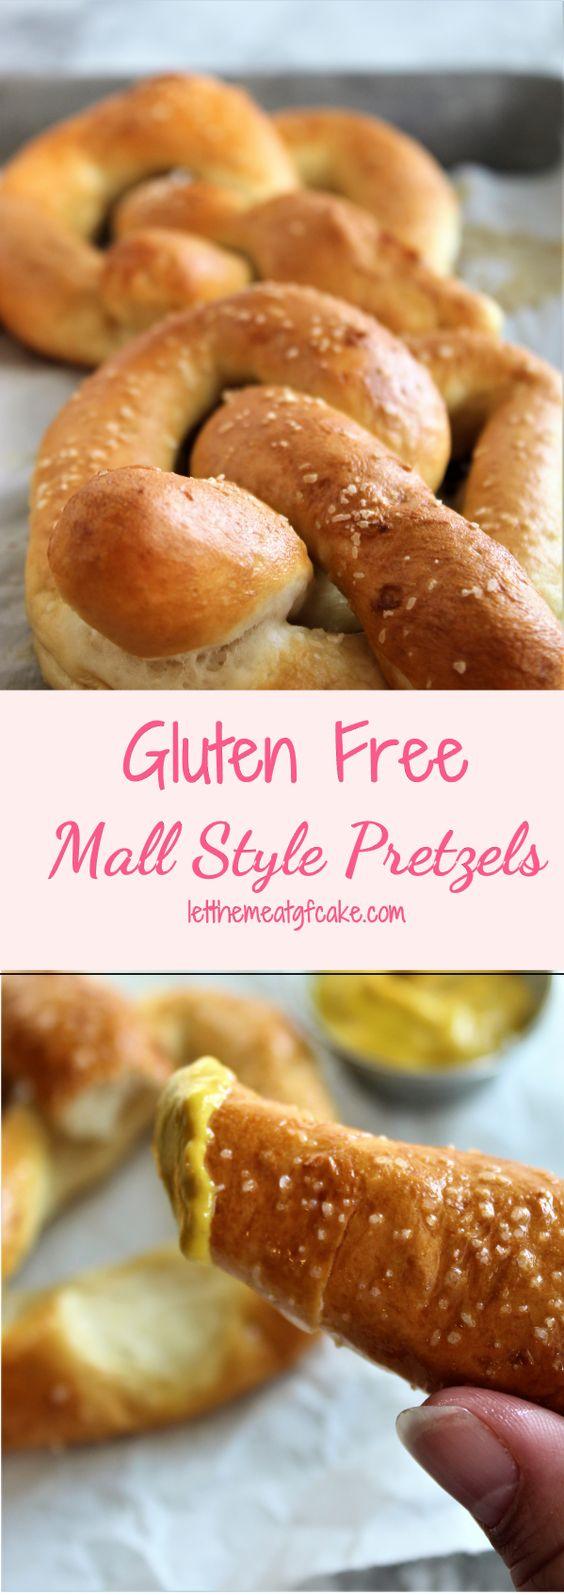 Gluten Free Mall Style Pretzels